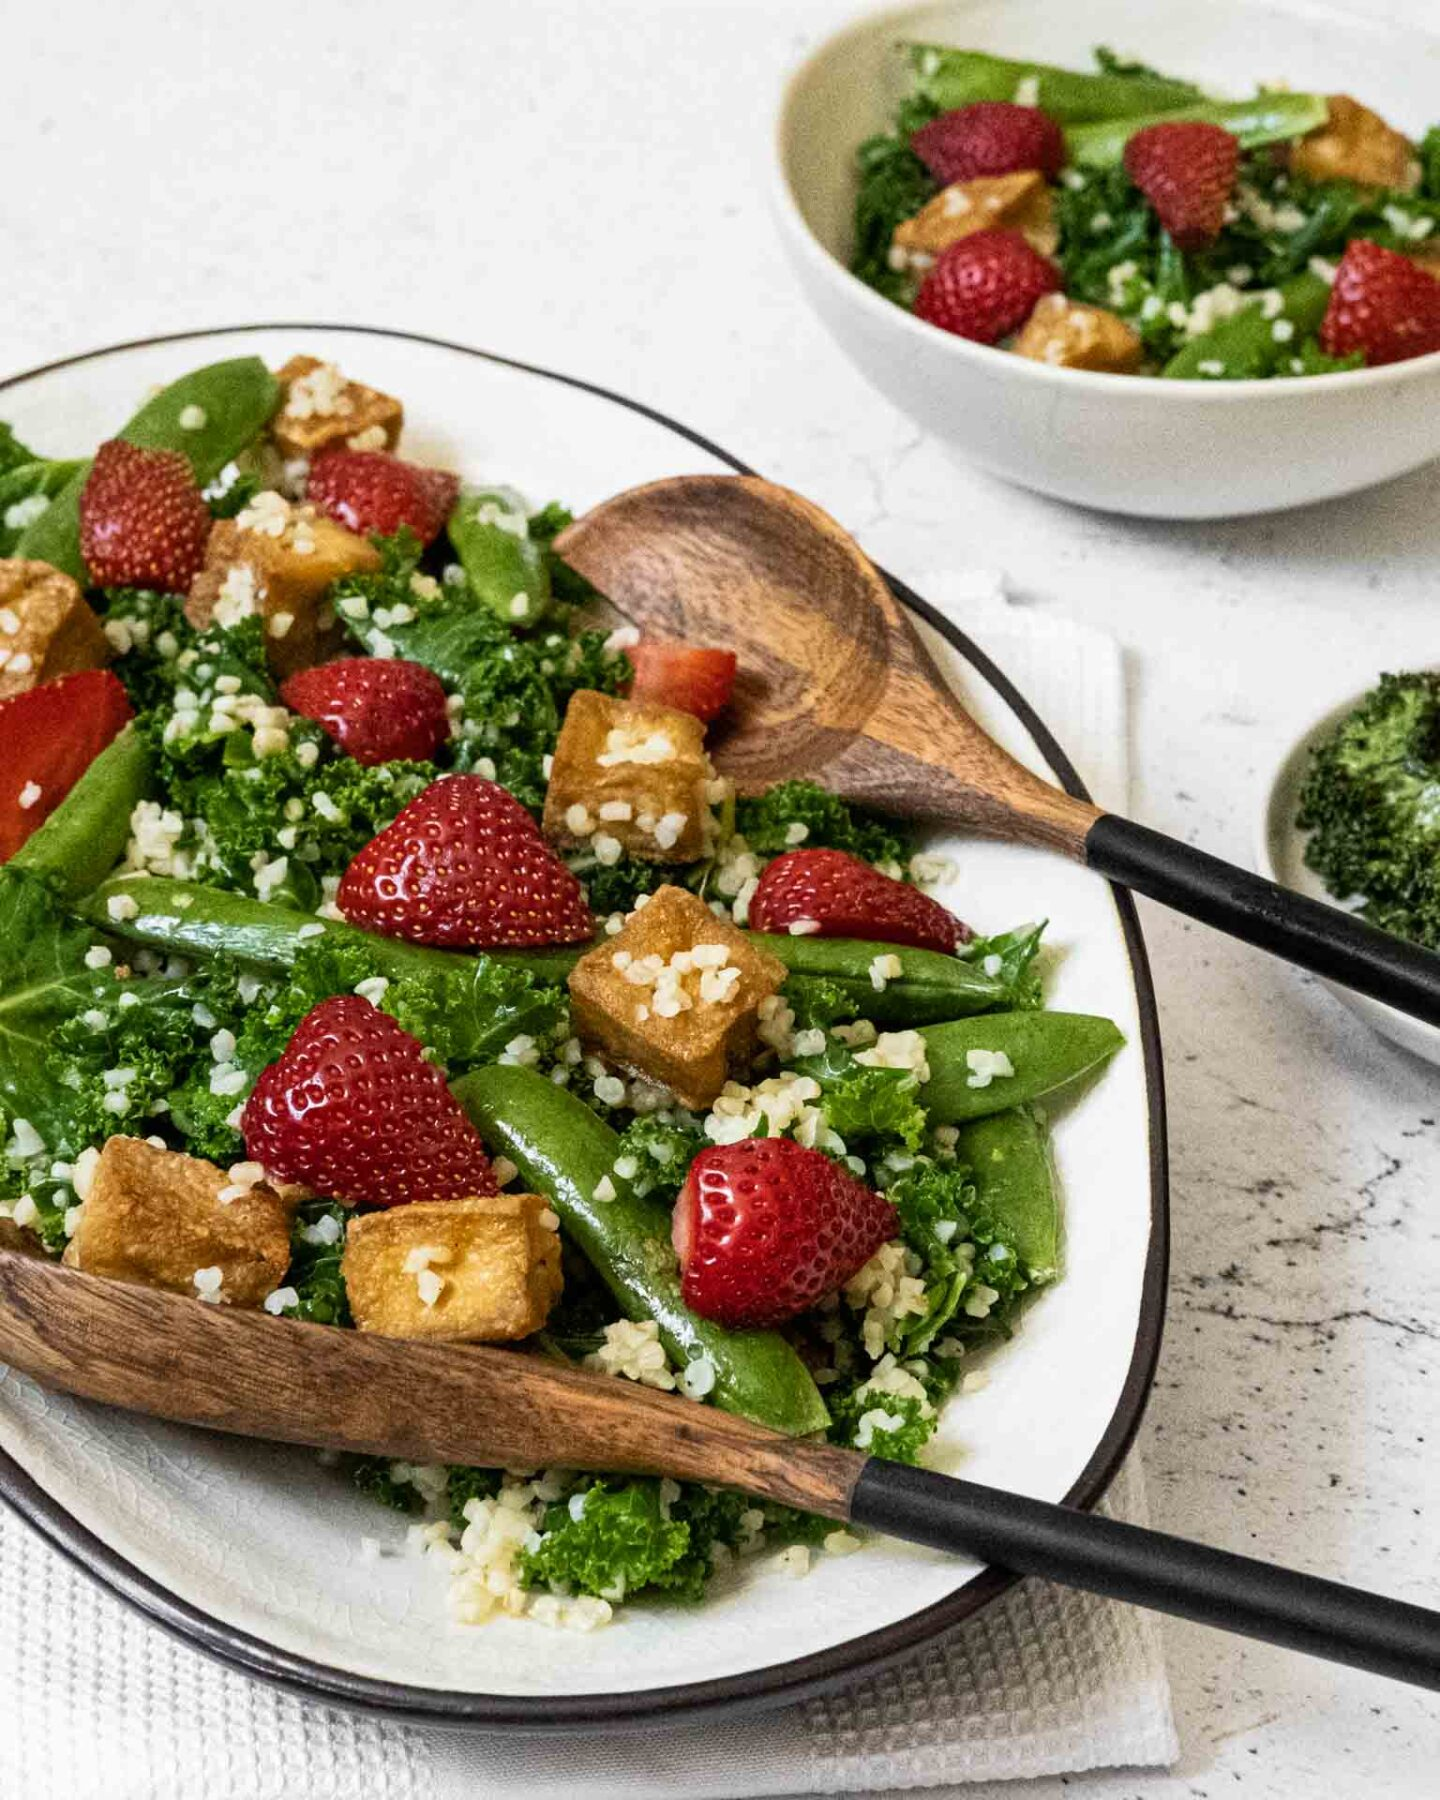 Vegansk sallad med grönkål, jordgubbar, ärtor och tofu